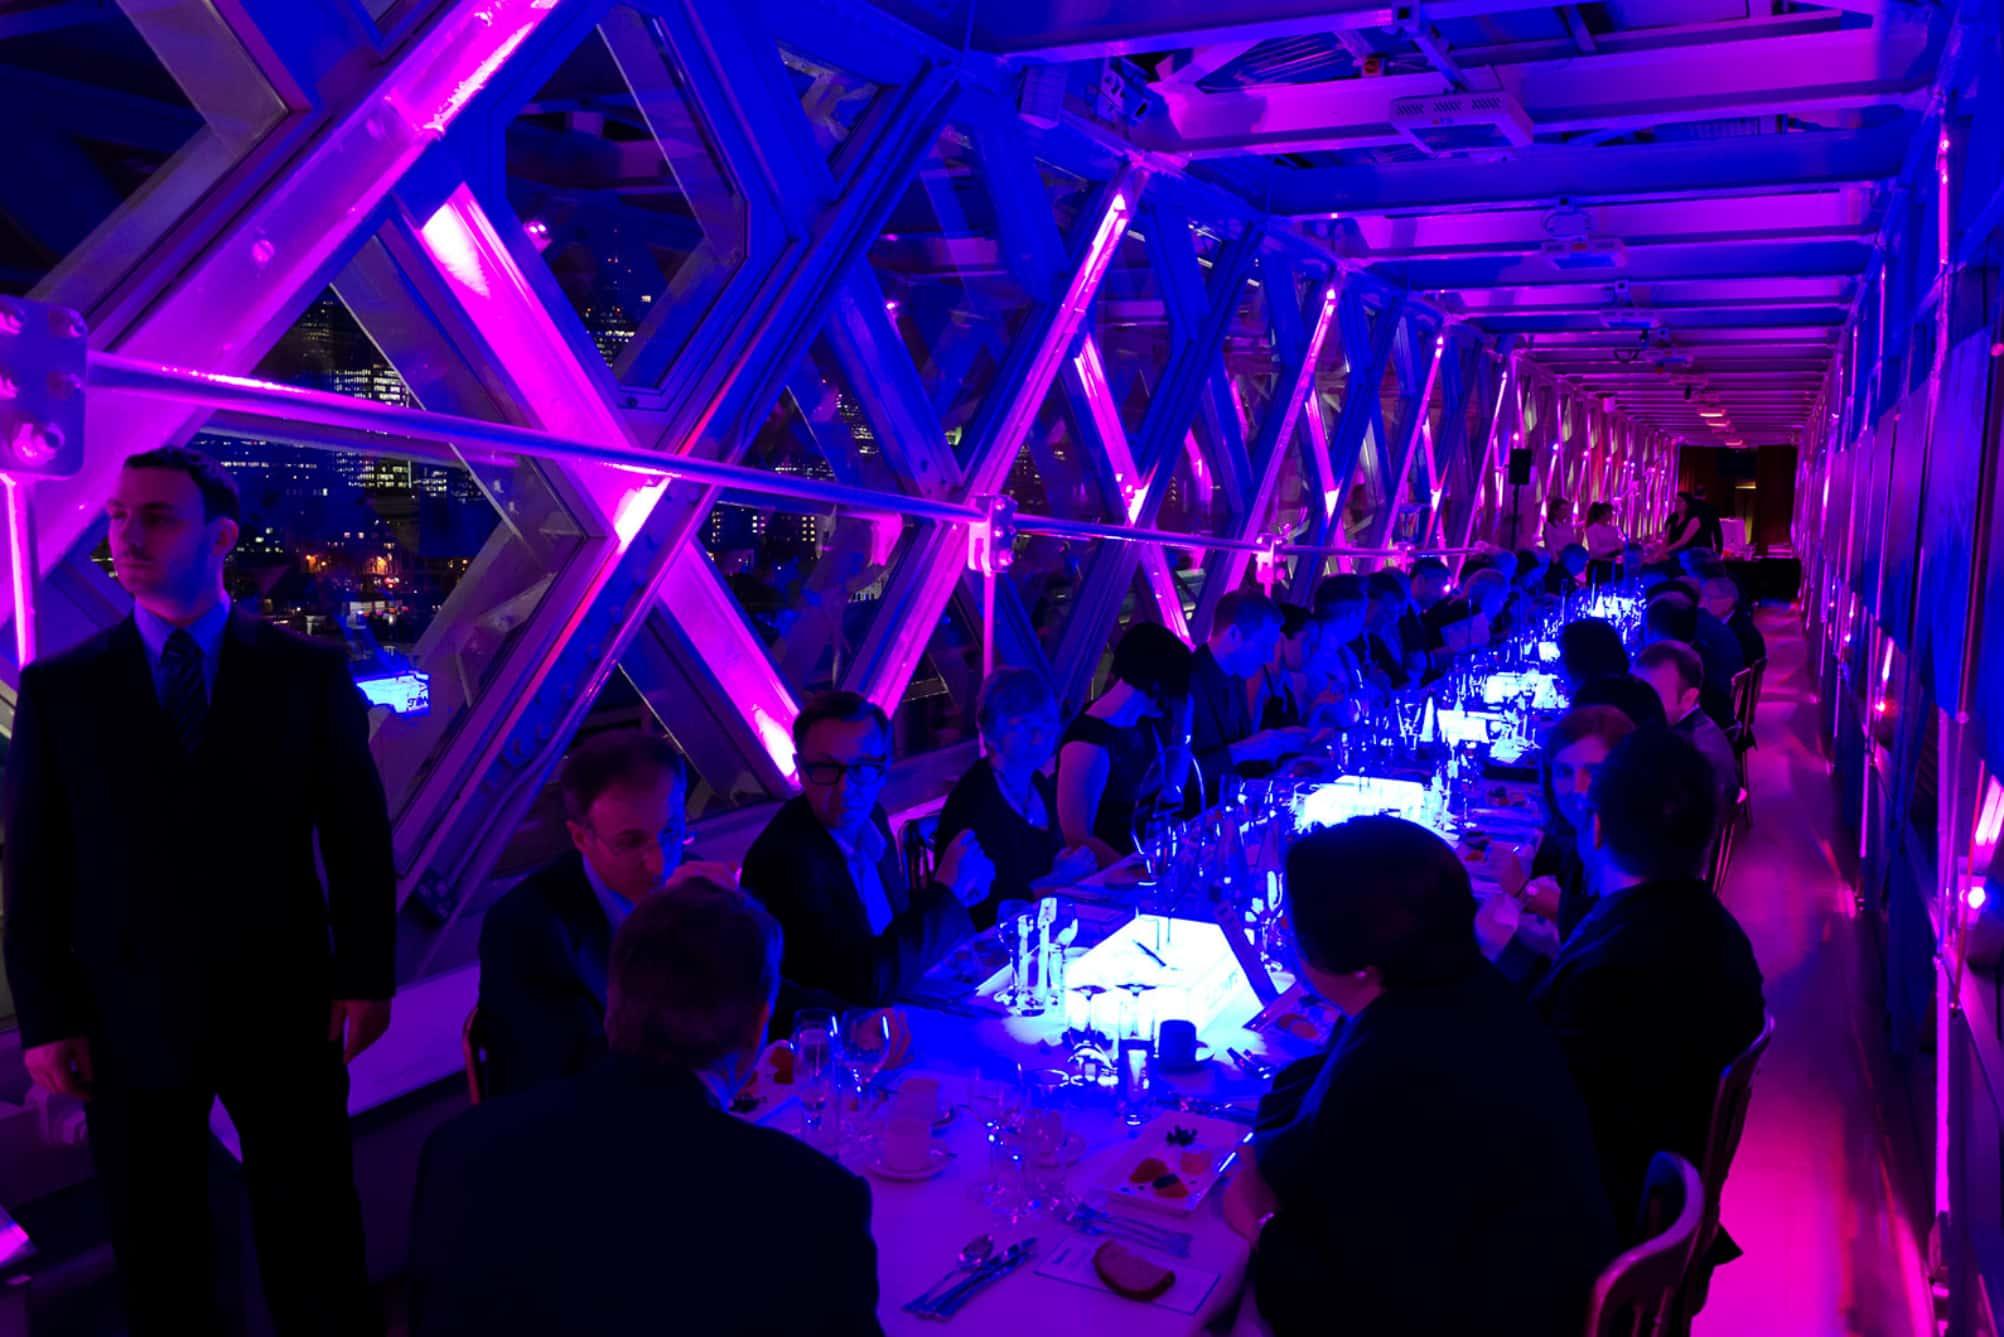 Tower Bridge Events